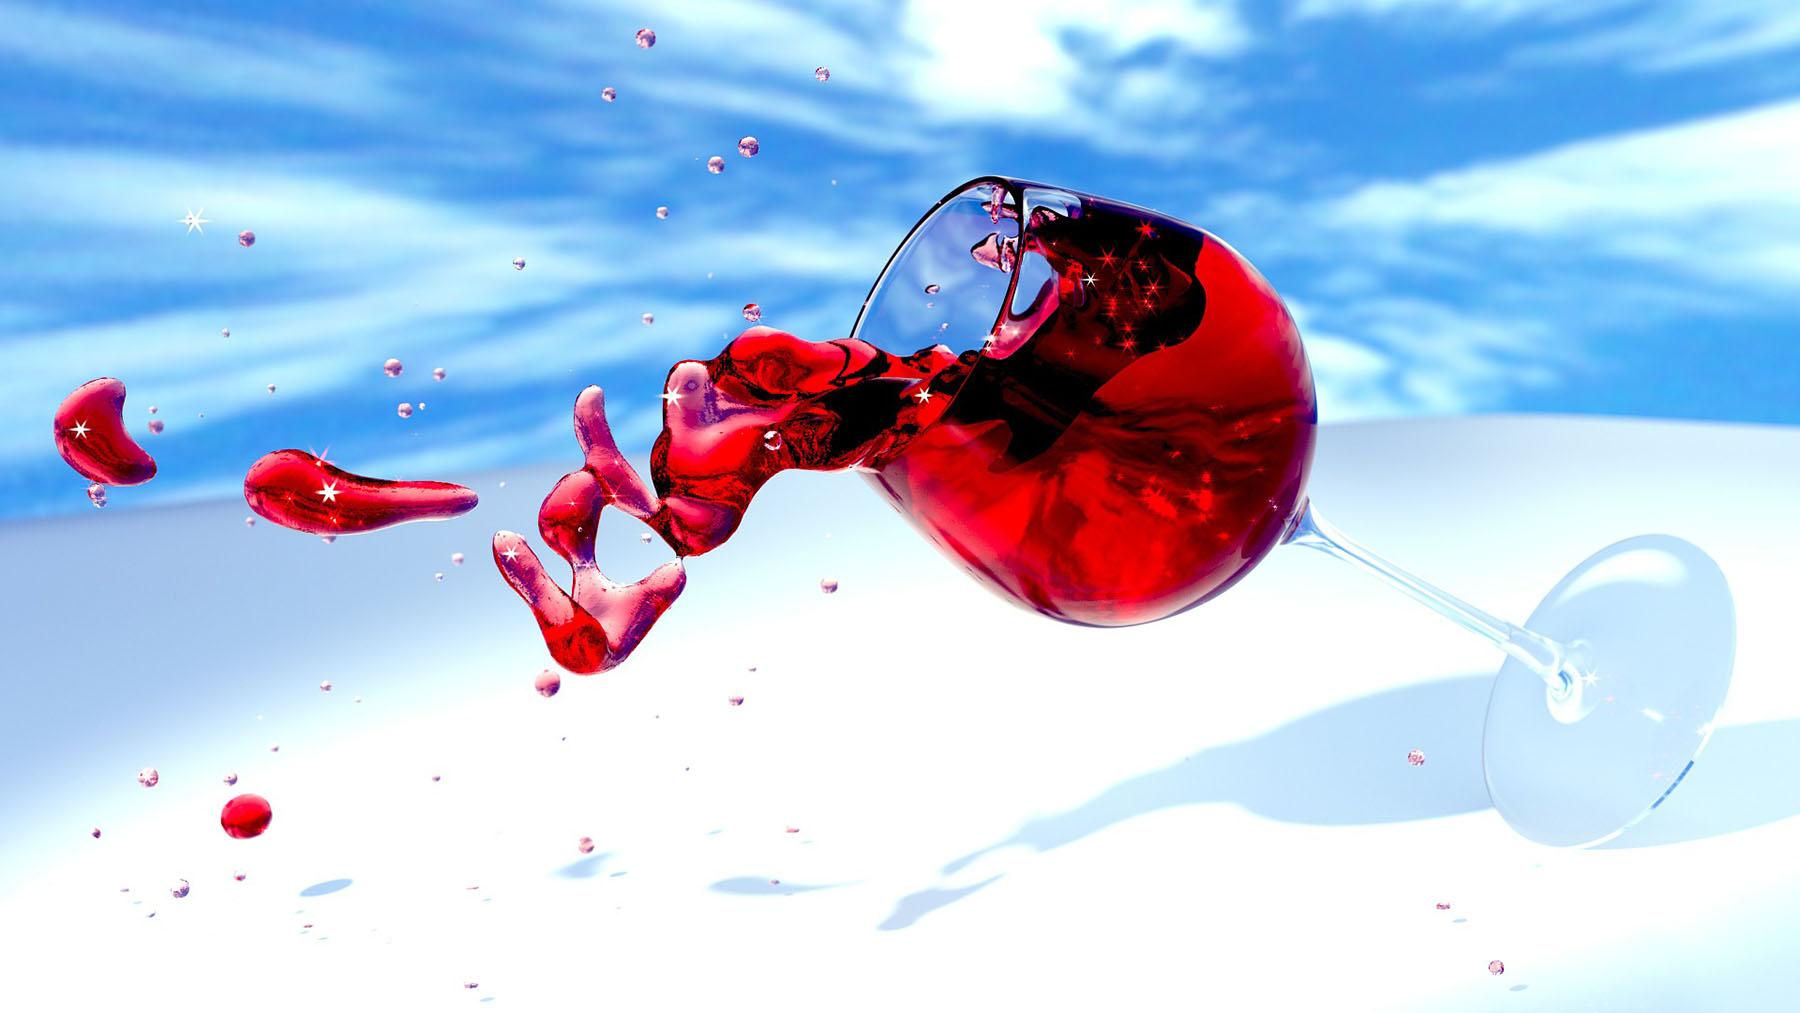 La CNMC incoa expediente sancionador a Mediaset por publicitar bebidas alcohólicas en horario protegido